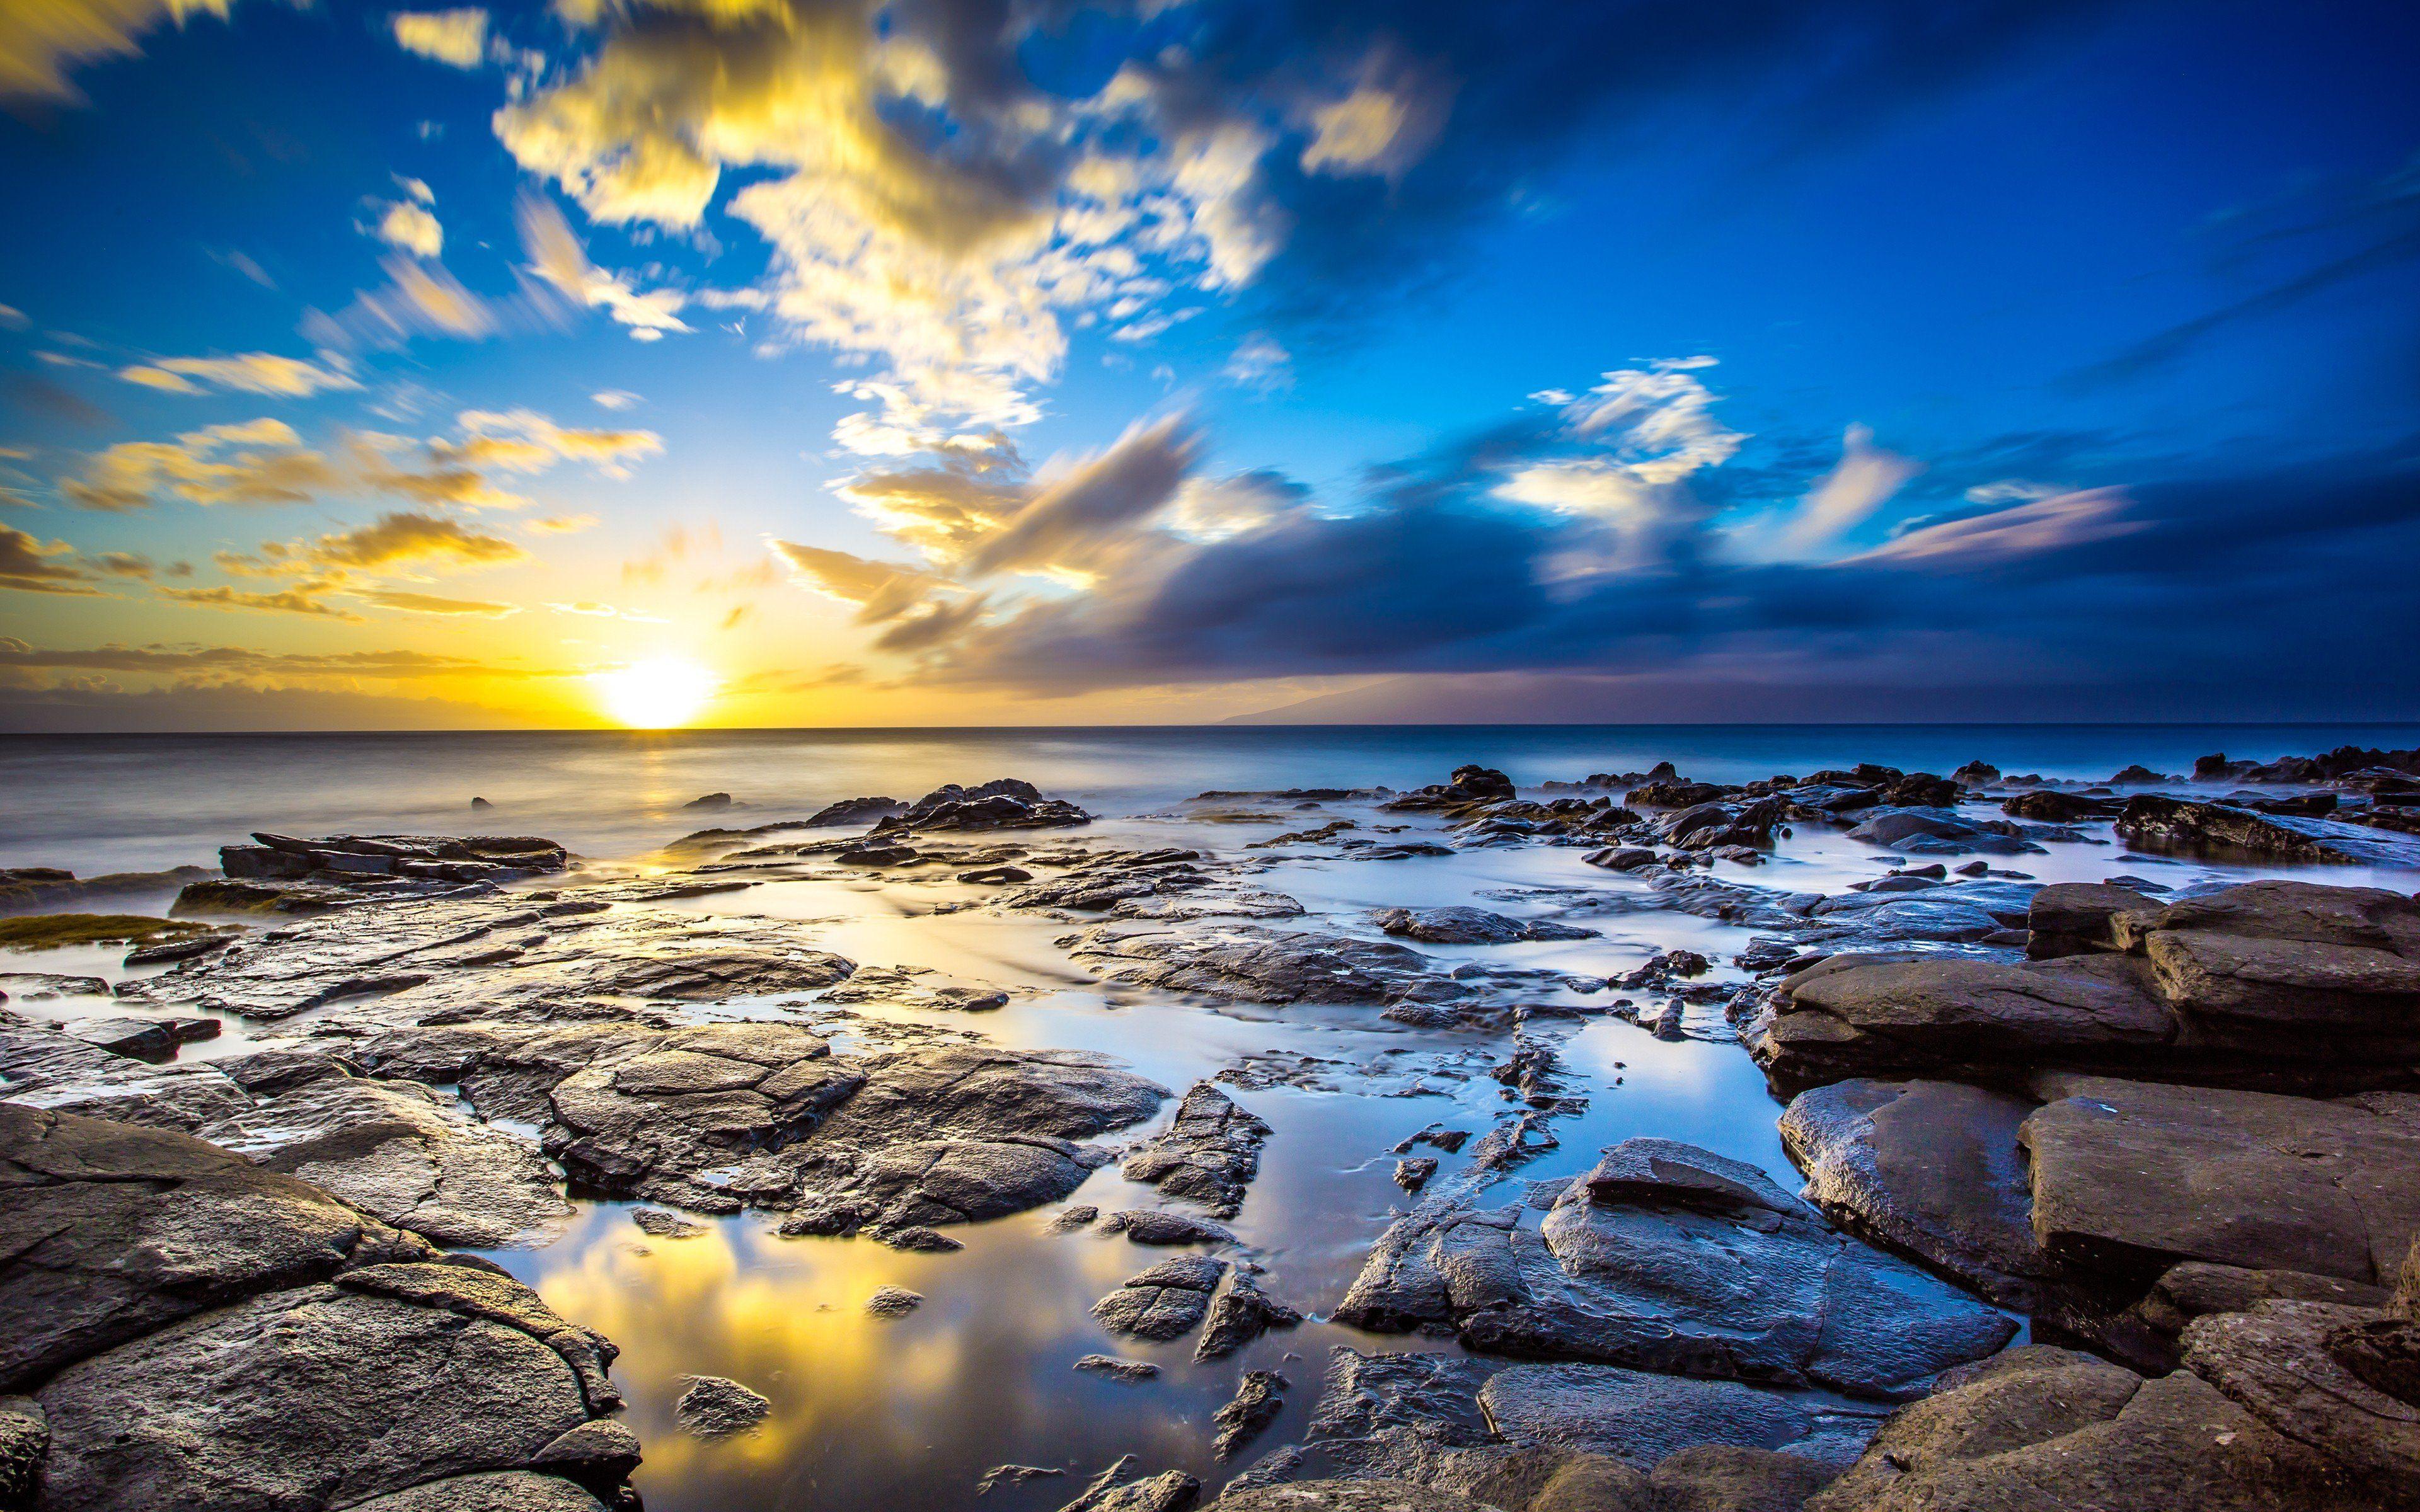 Hawaii Sunset Wallpaper 4k Ultra Hd Id3319